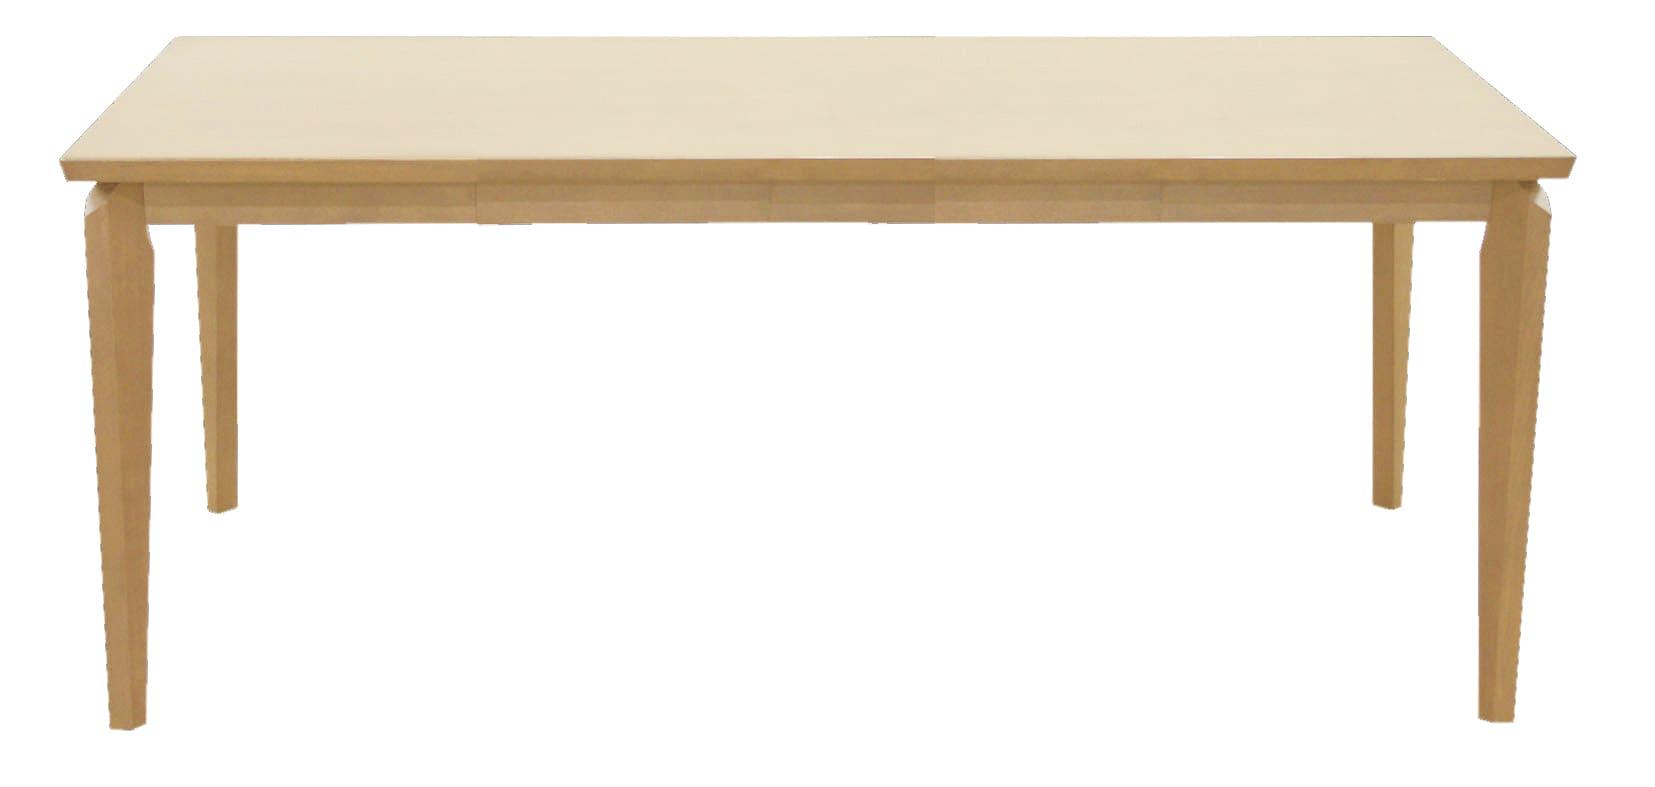 ダイニングテーブル カンナ170:ダイニングテーブル カンナ170 NA